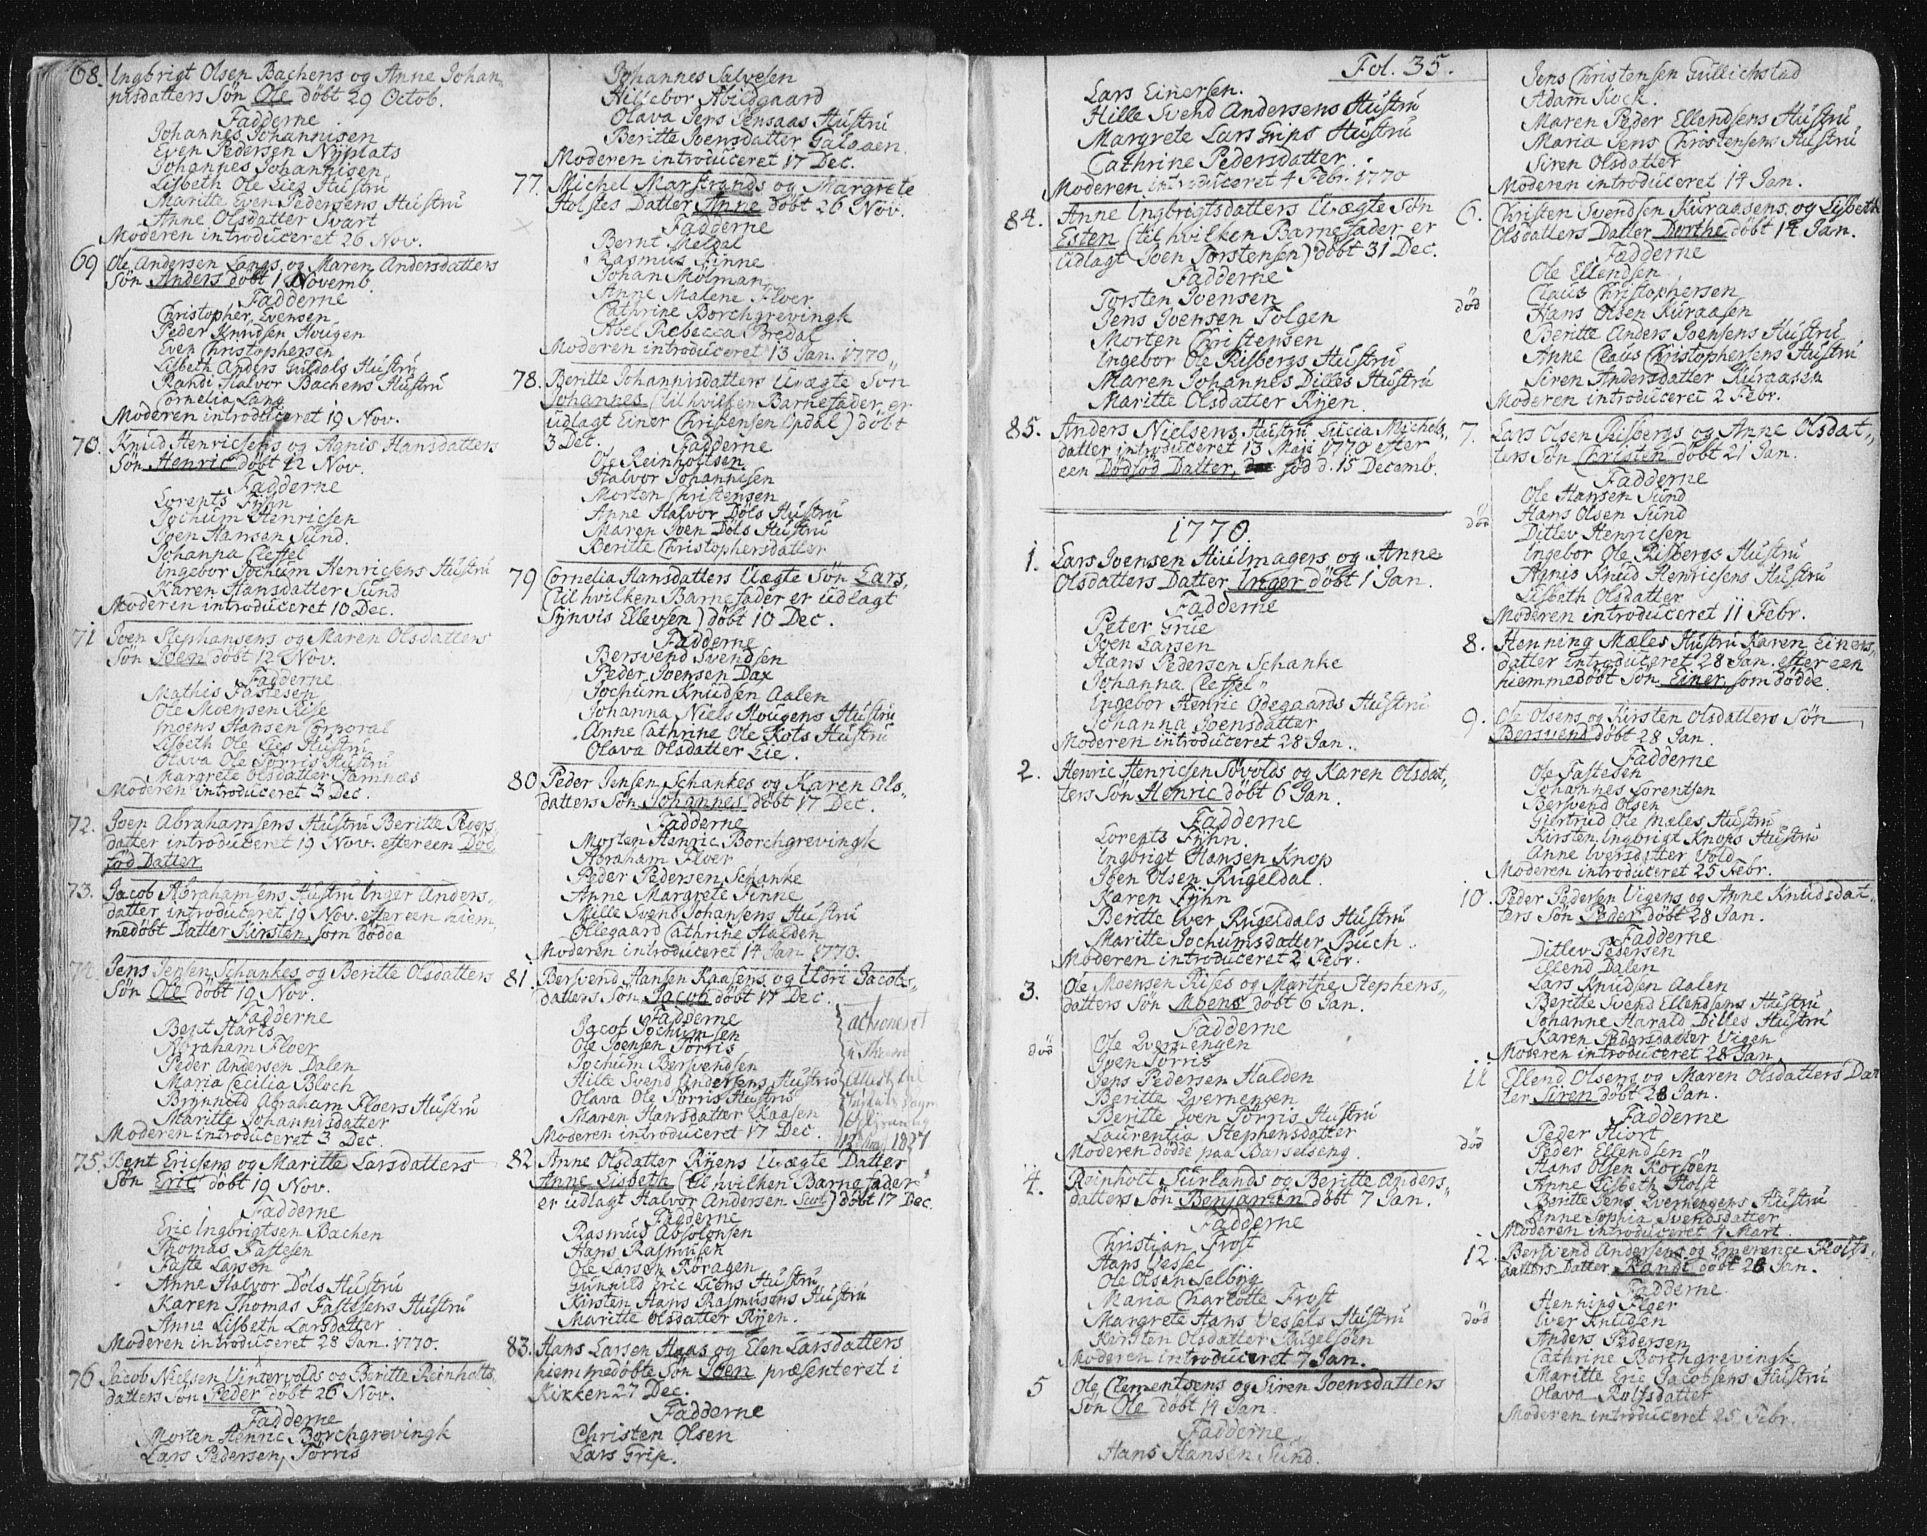 SAT, Ministerialprotokoller, klokkerbøker og fødselsregistre - Sør-Trøndelag, 681/L0926: Ministerialbok nr. 681A04, 1767-1797, s. 35